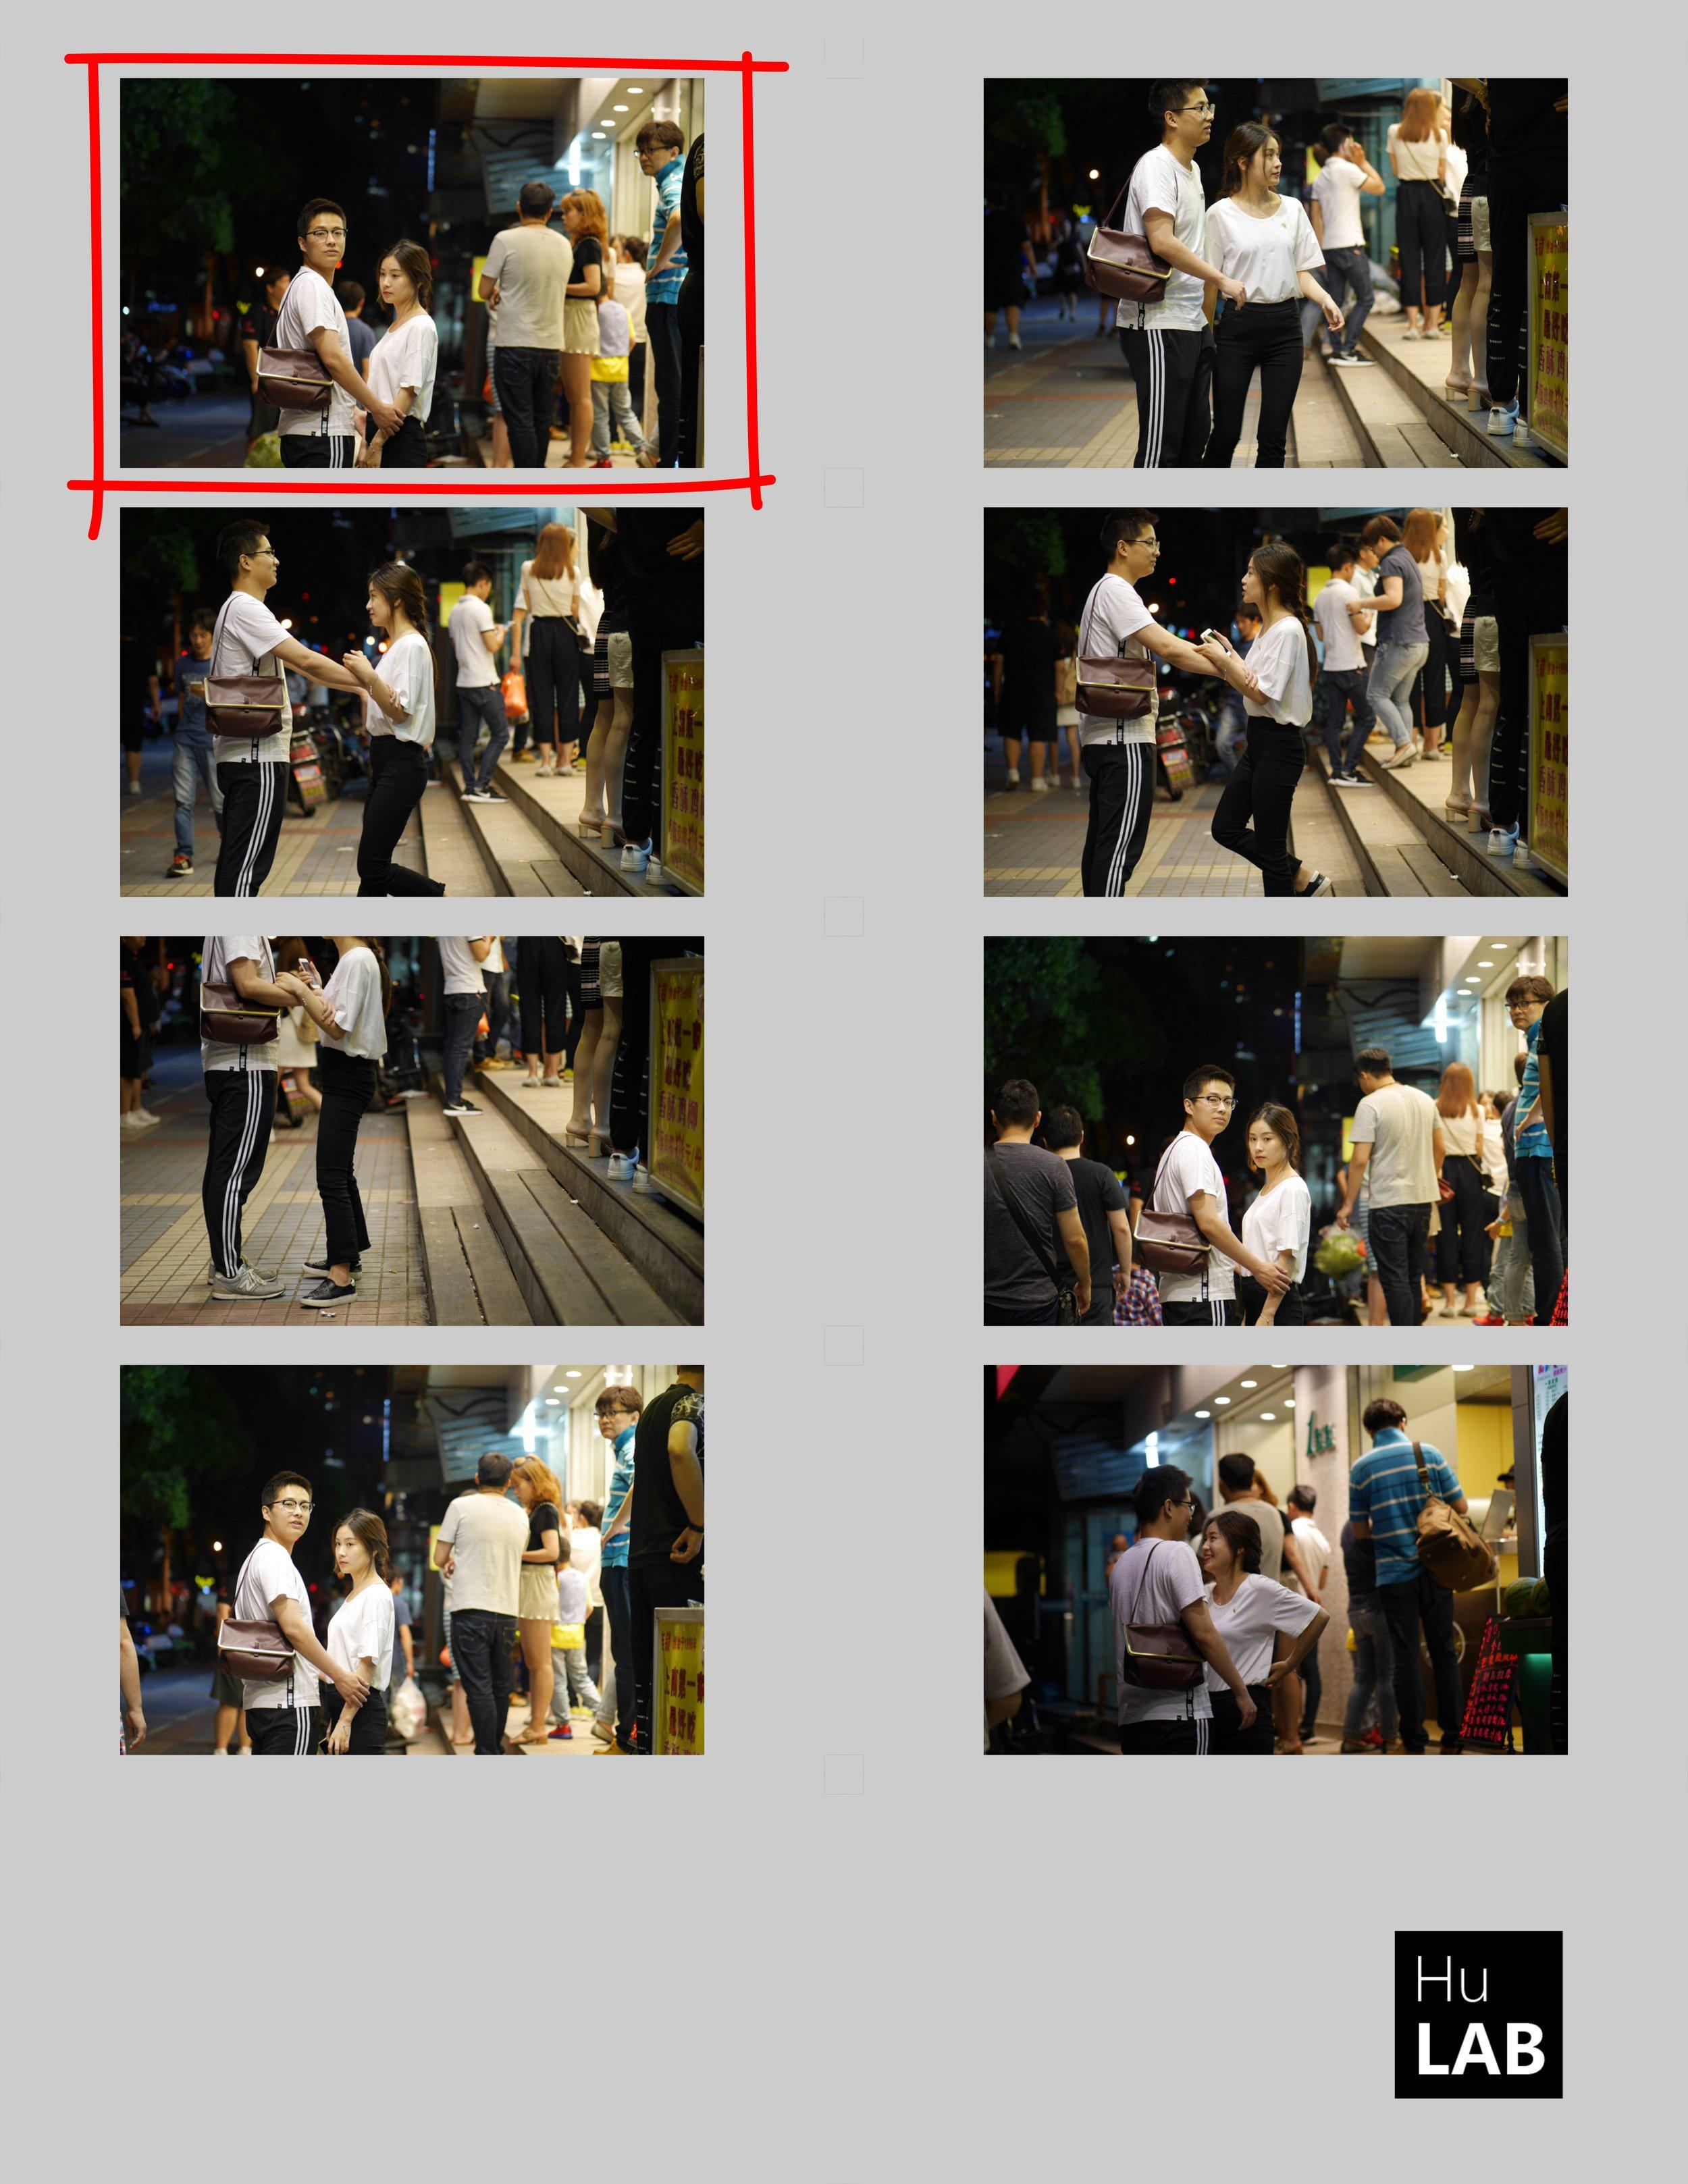 Contact-sheet-02-done.jpg